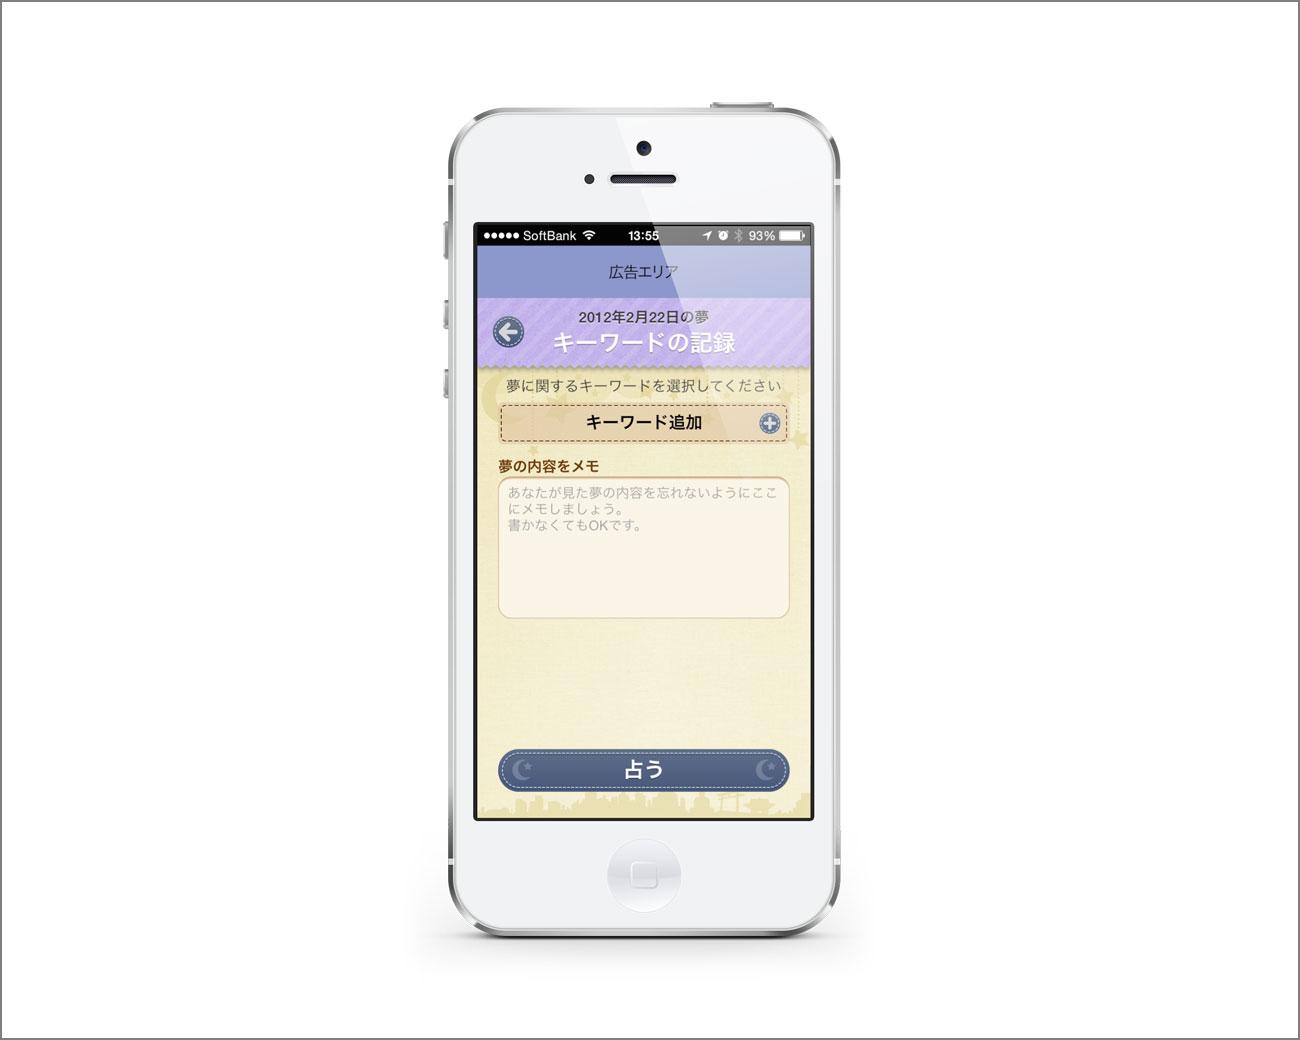 夢うらないアプリ、キーワード記録画面